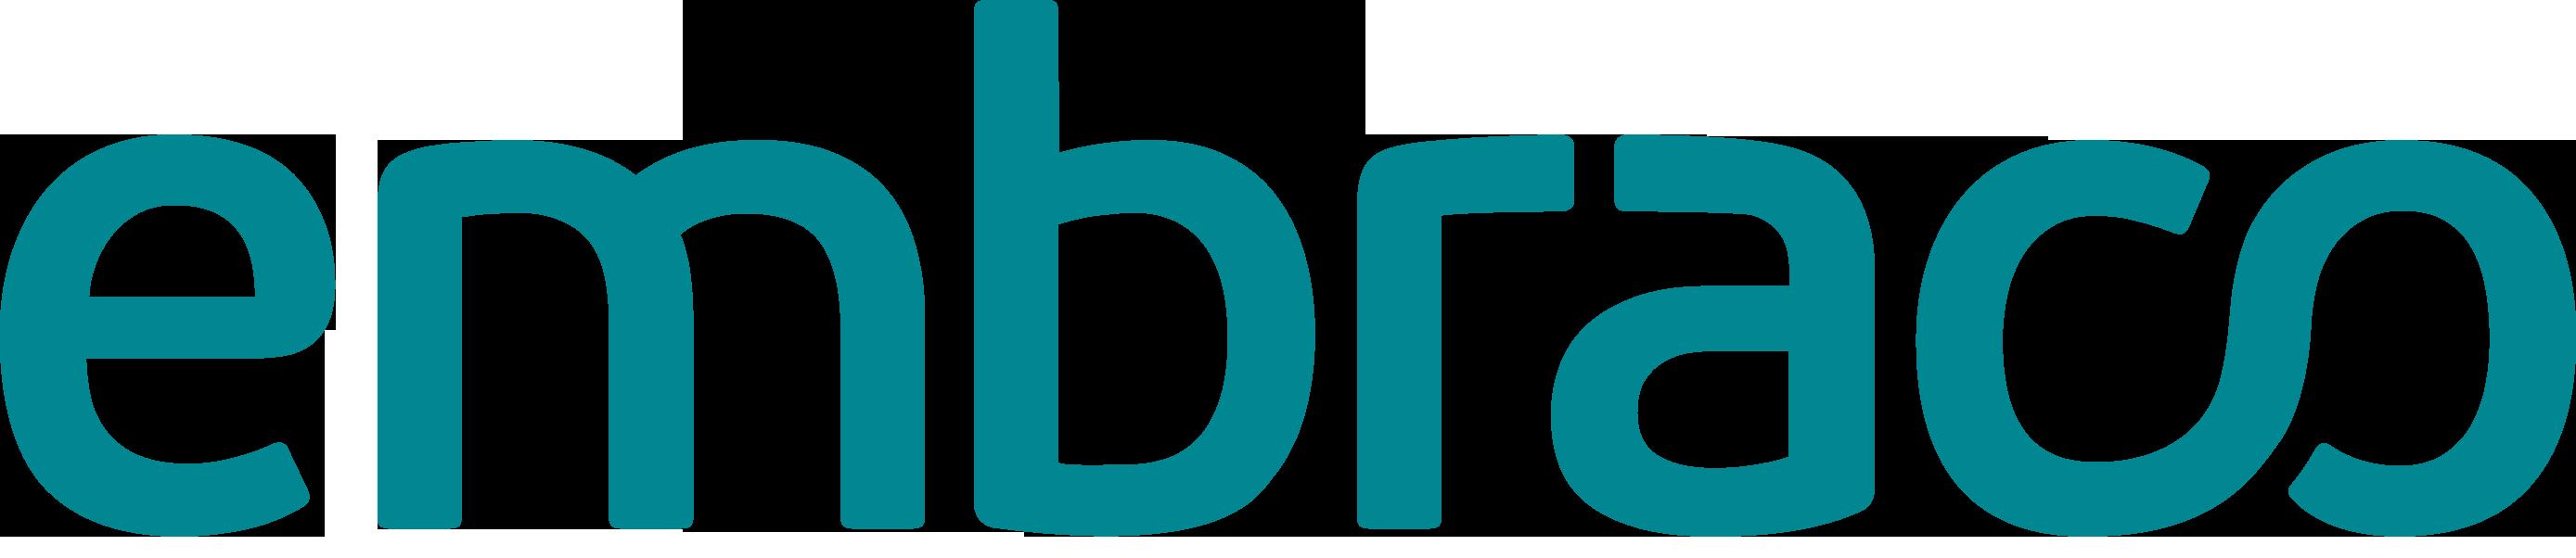 Nadačný Fond Embraco logo